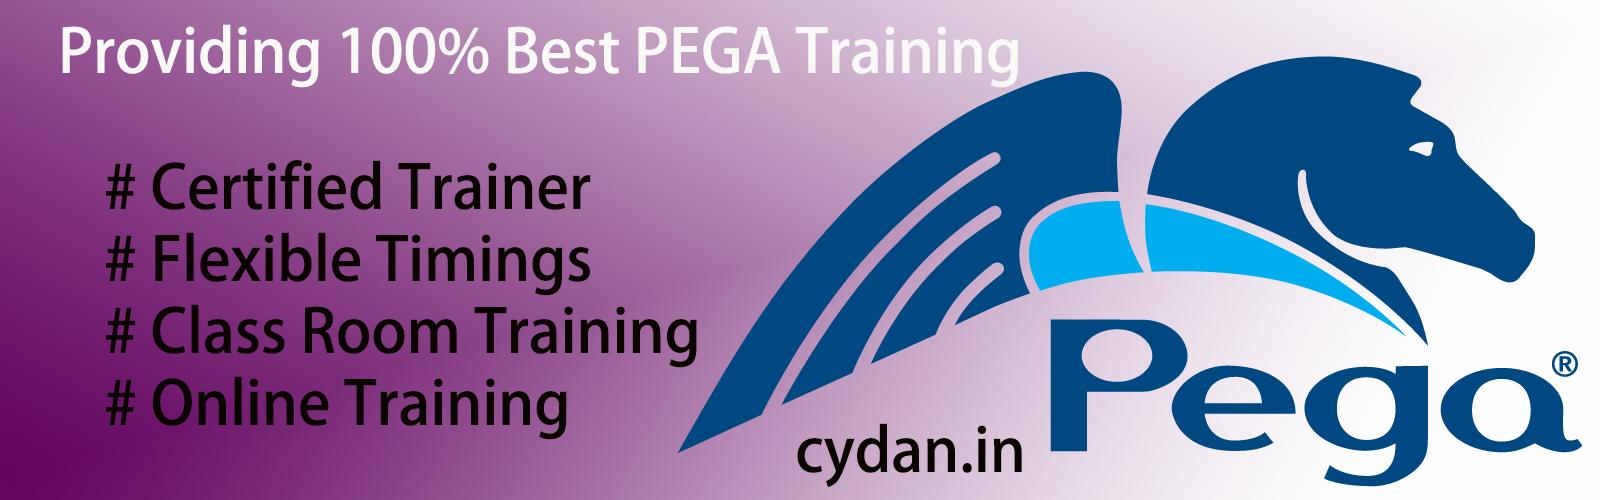 pega training in hyderabad